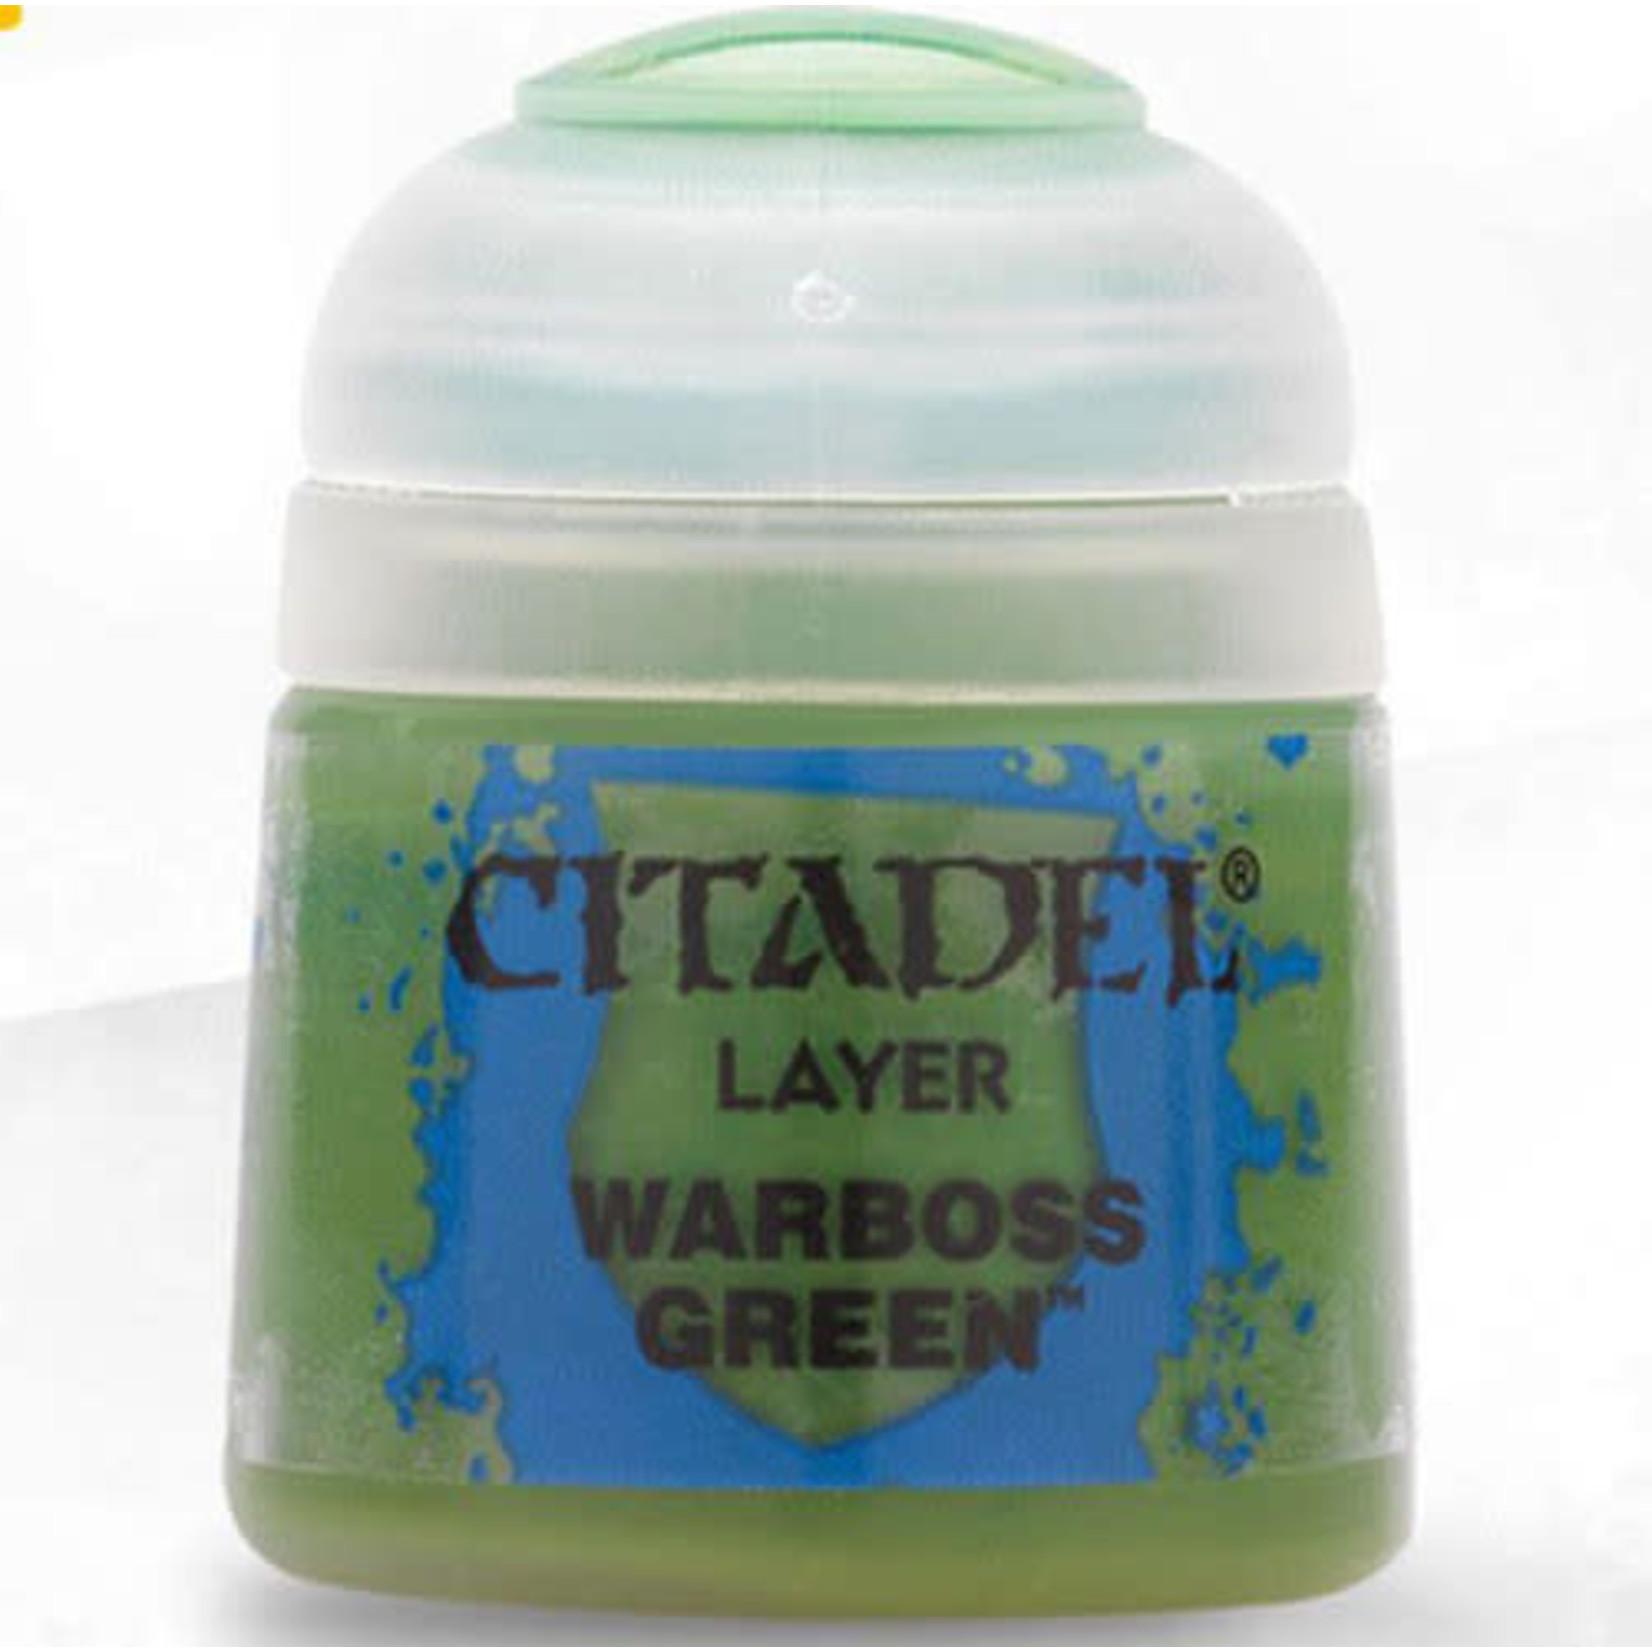 Games Workshop Citadel Paint: Warboss Green 12ml